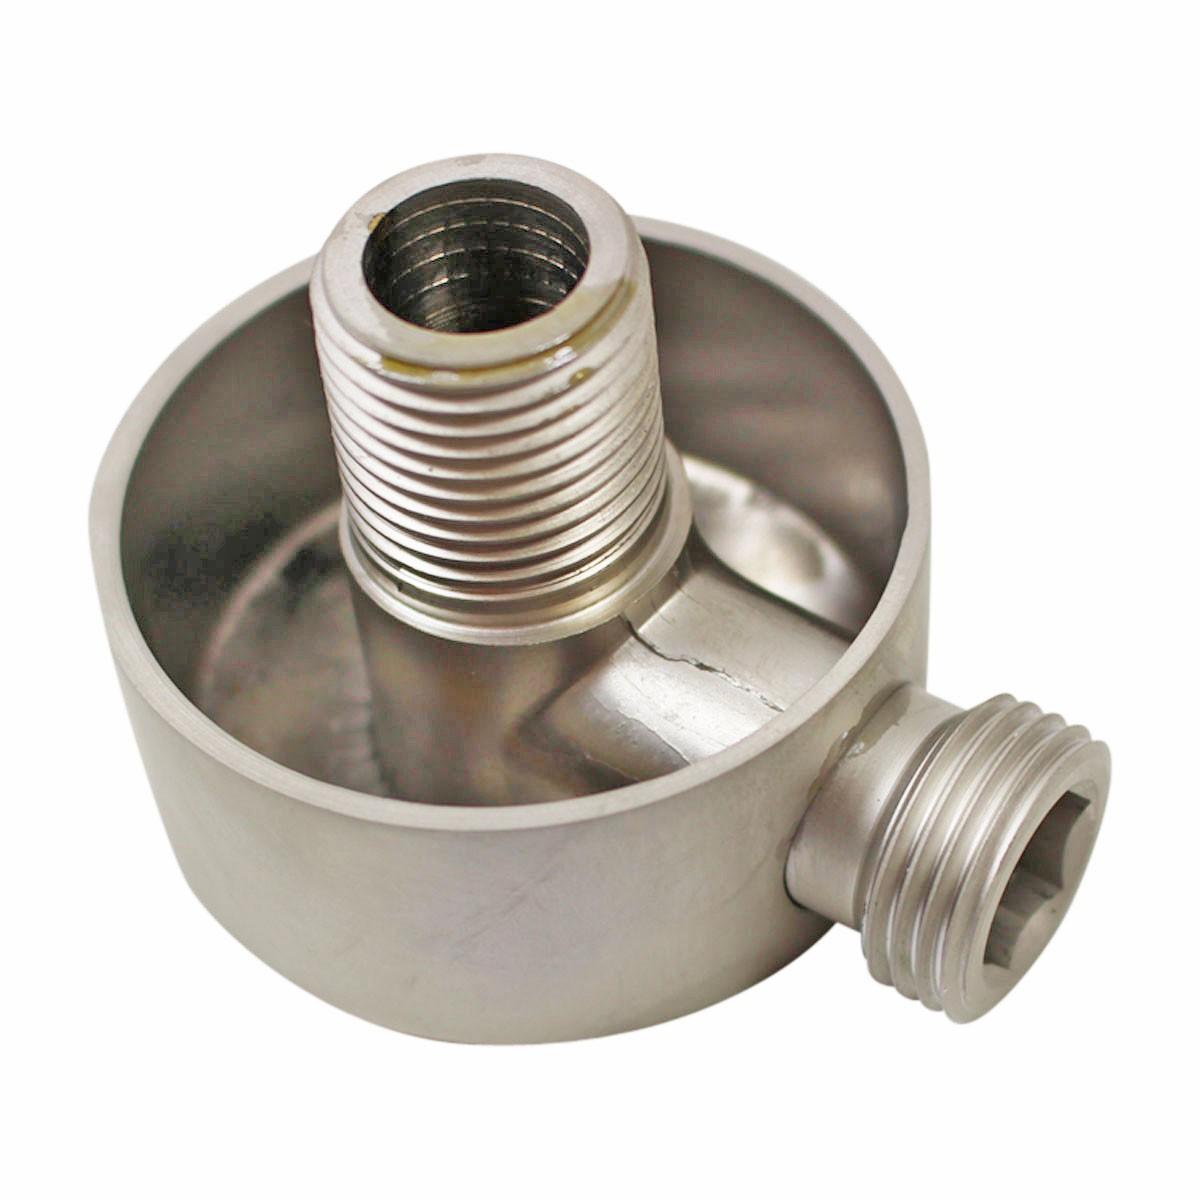 Shower Part Satin Nickel Brass Water Connector Part Only Brass Shower Parts Water Connector Shower Connector